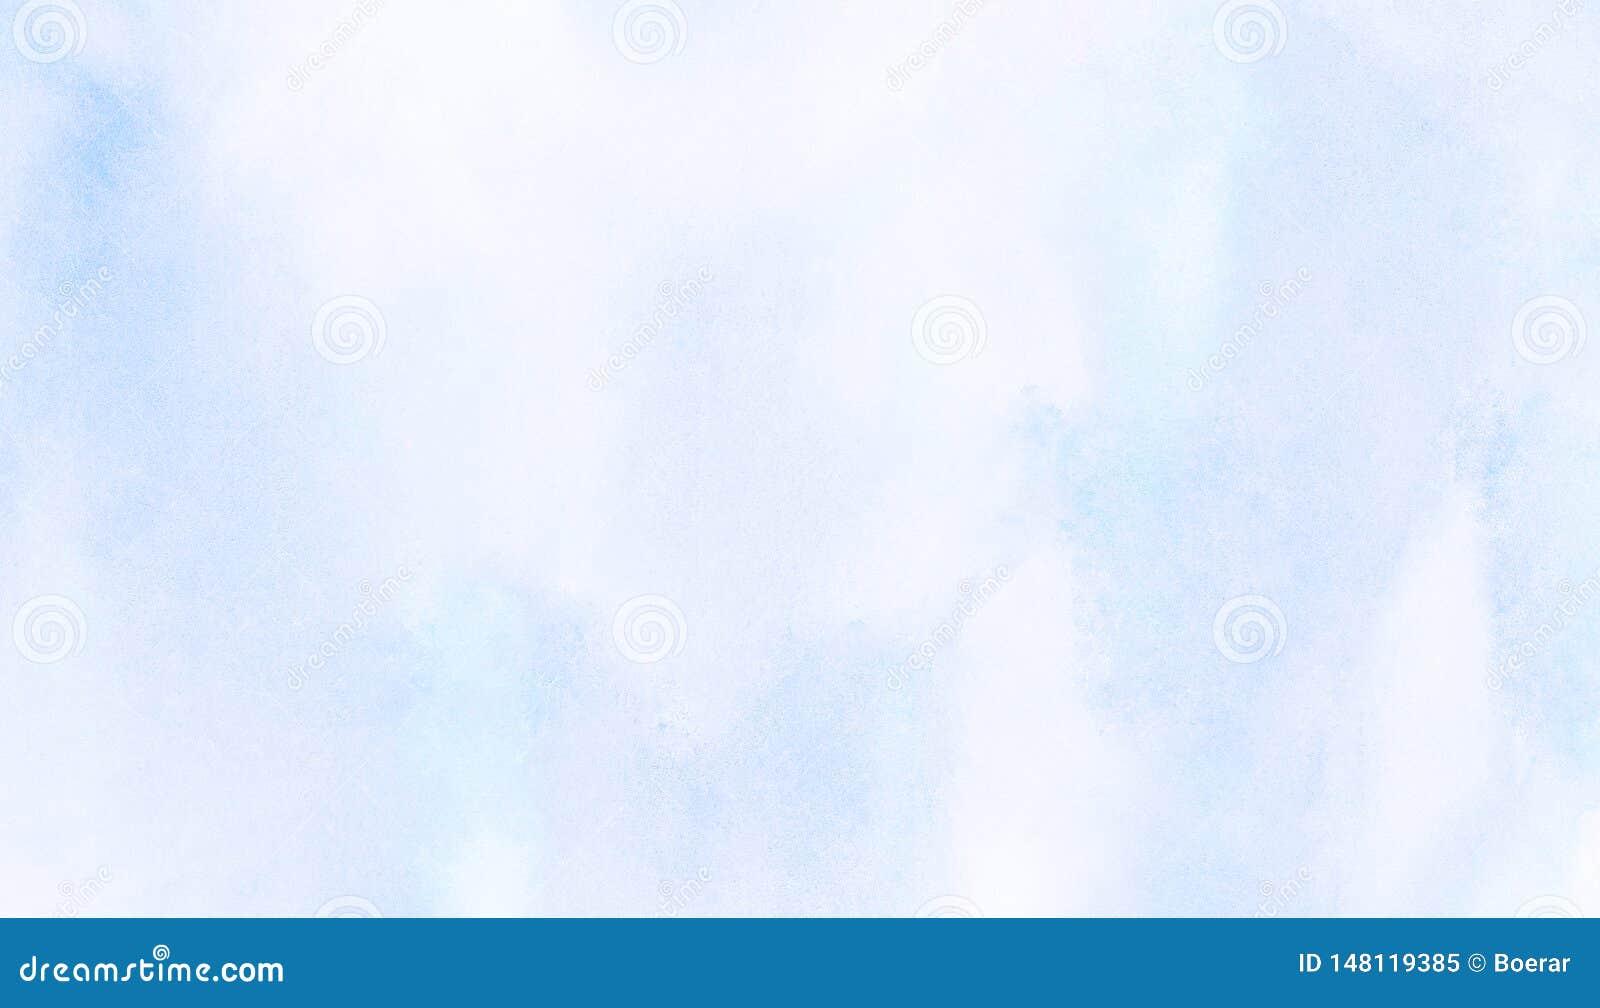 天蓝色上色光水彩背景 水彩画绘了葡萄酒设计的,邀请加州纸织地不很细帆布